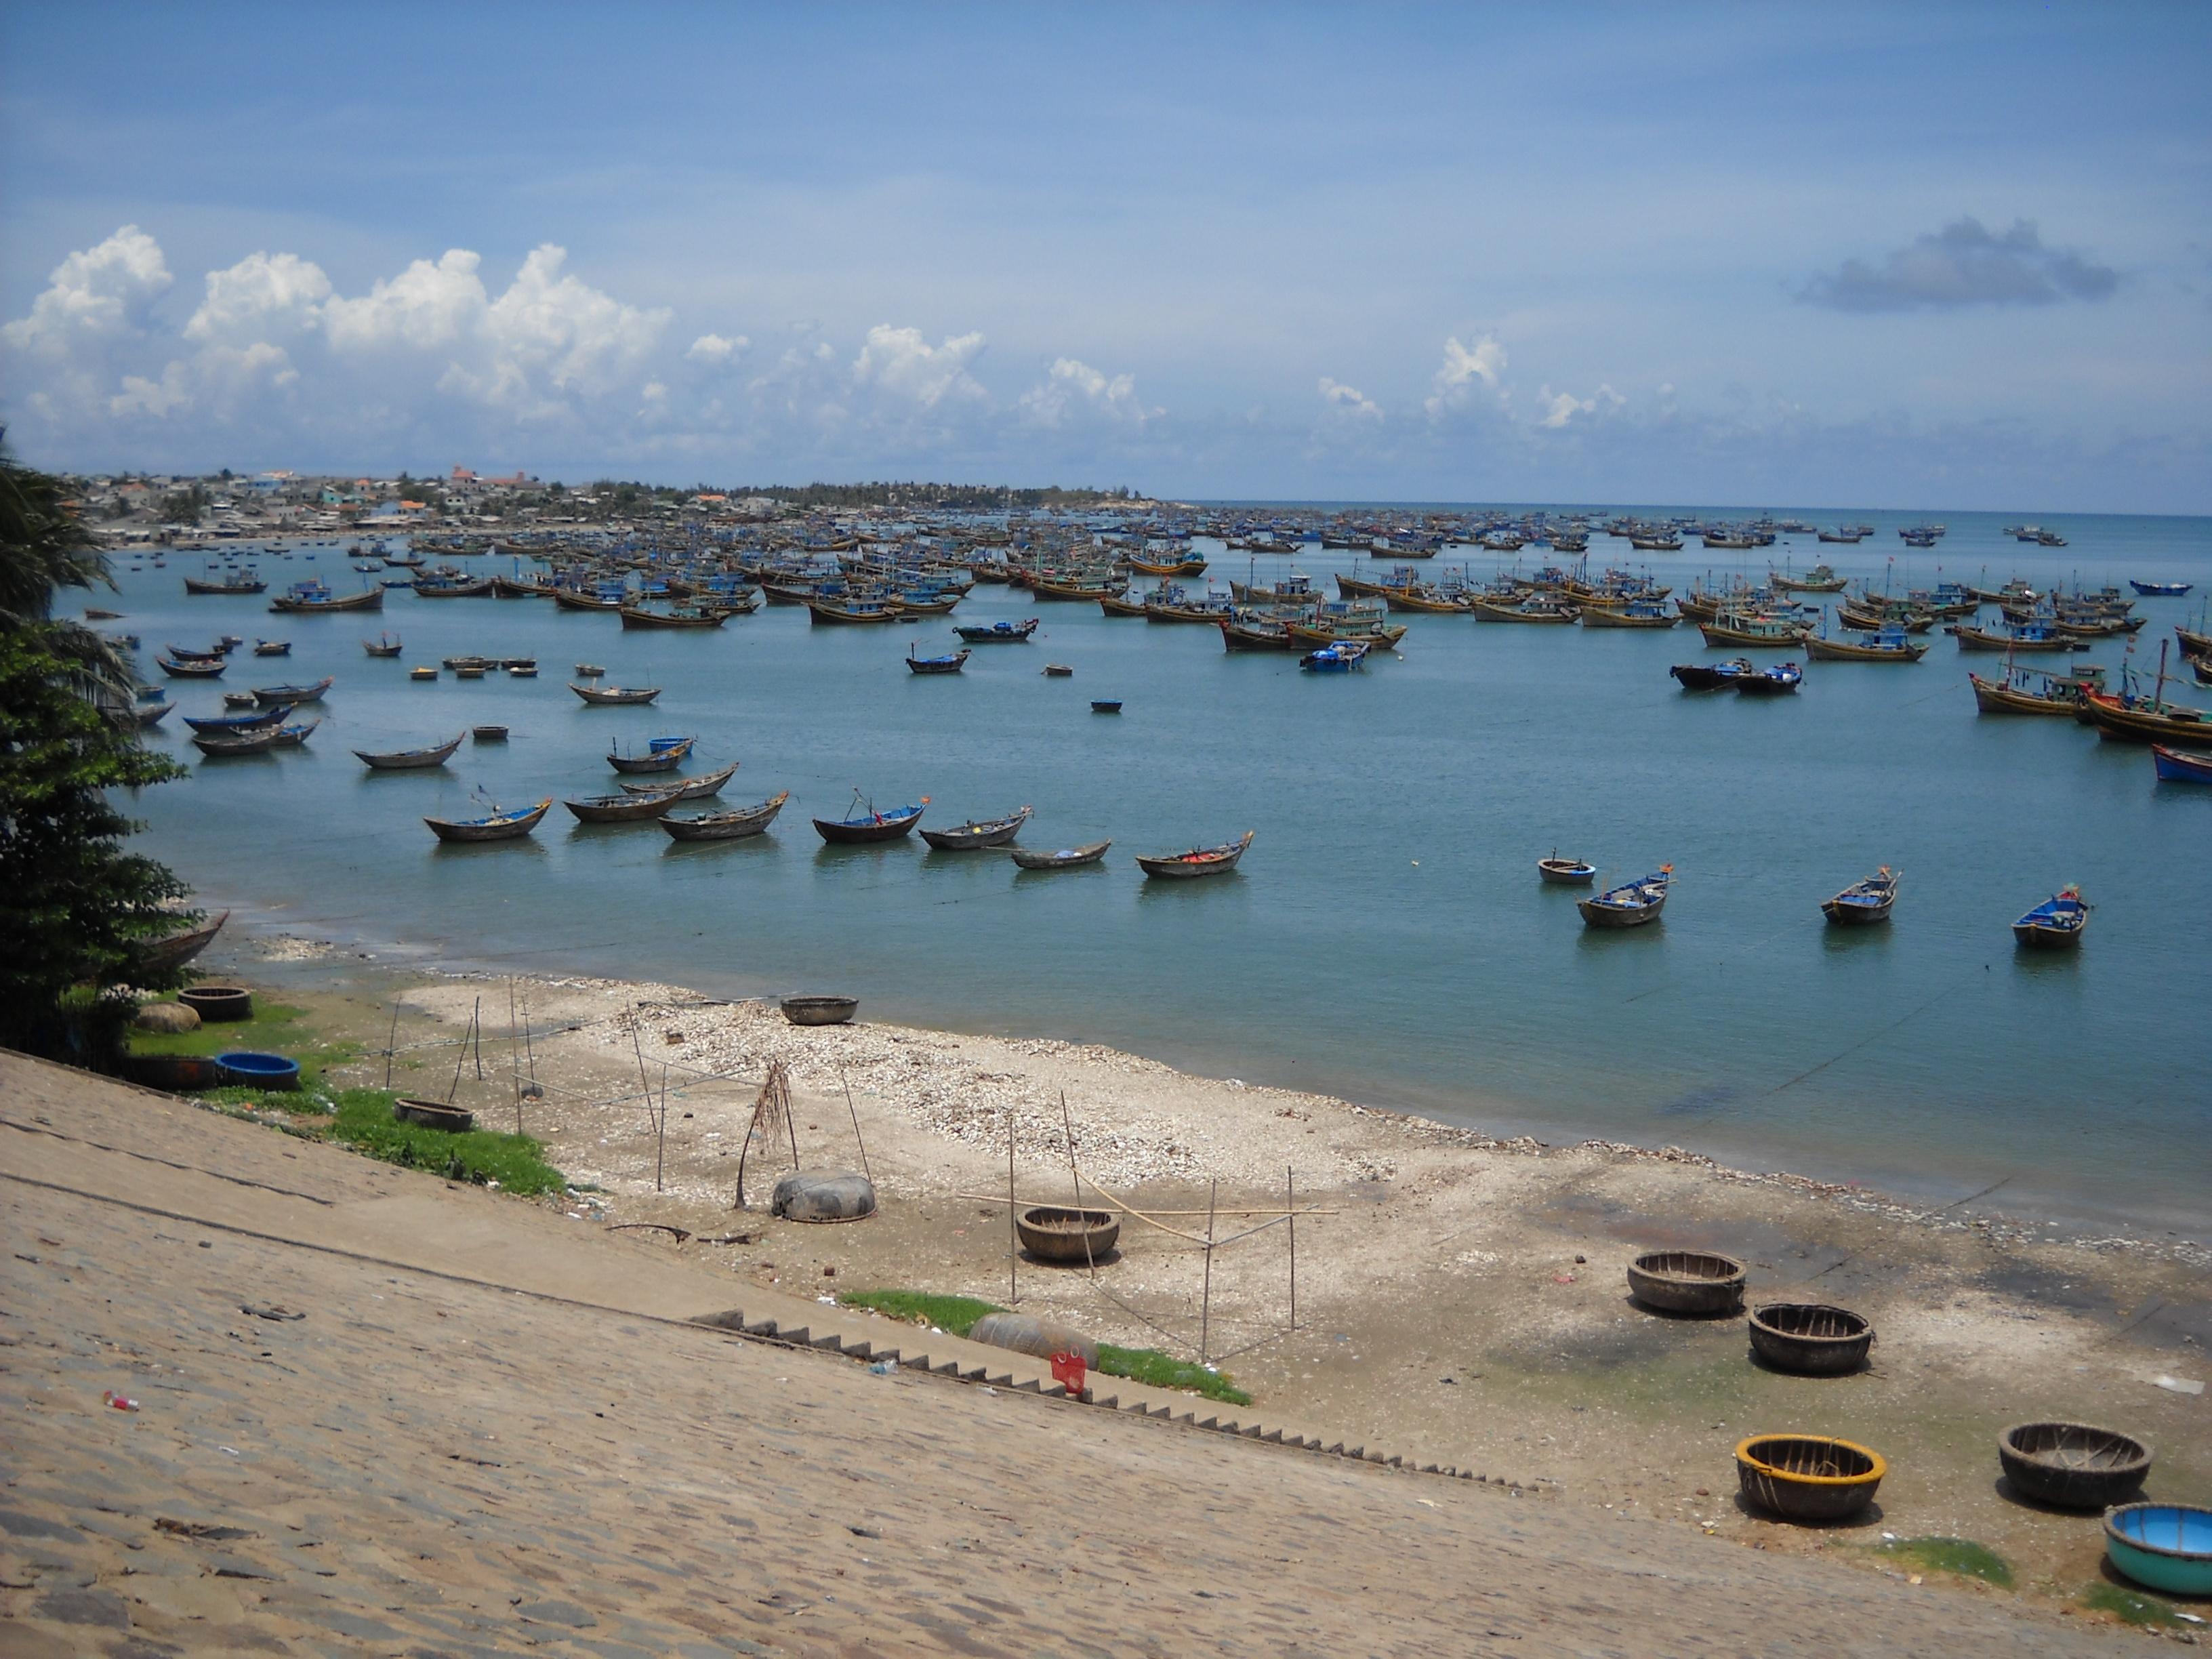 Bán nhớt Mobil 1 chính hãng tại Bình Thuận